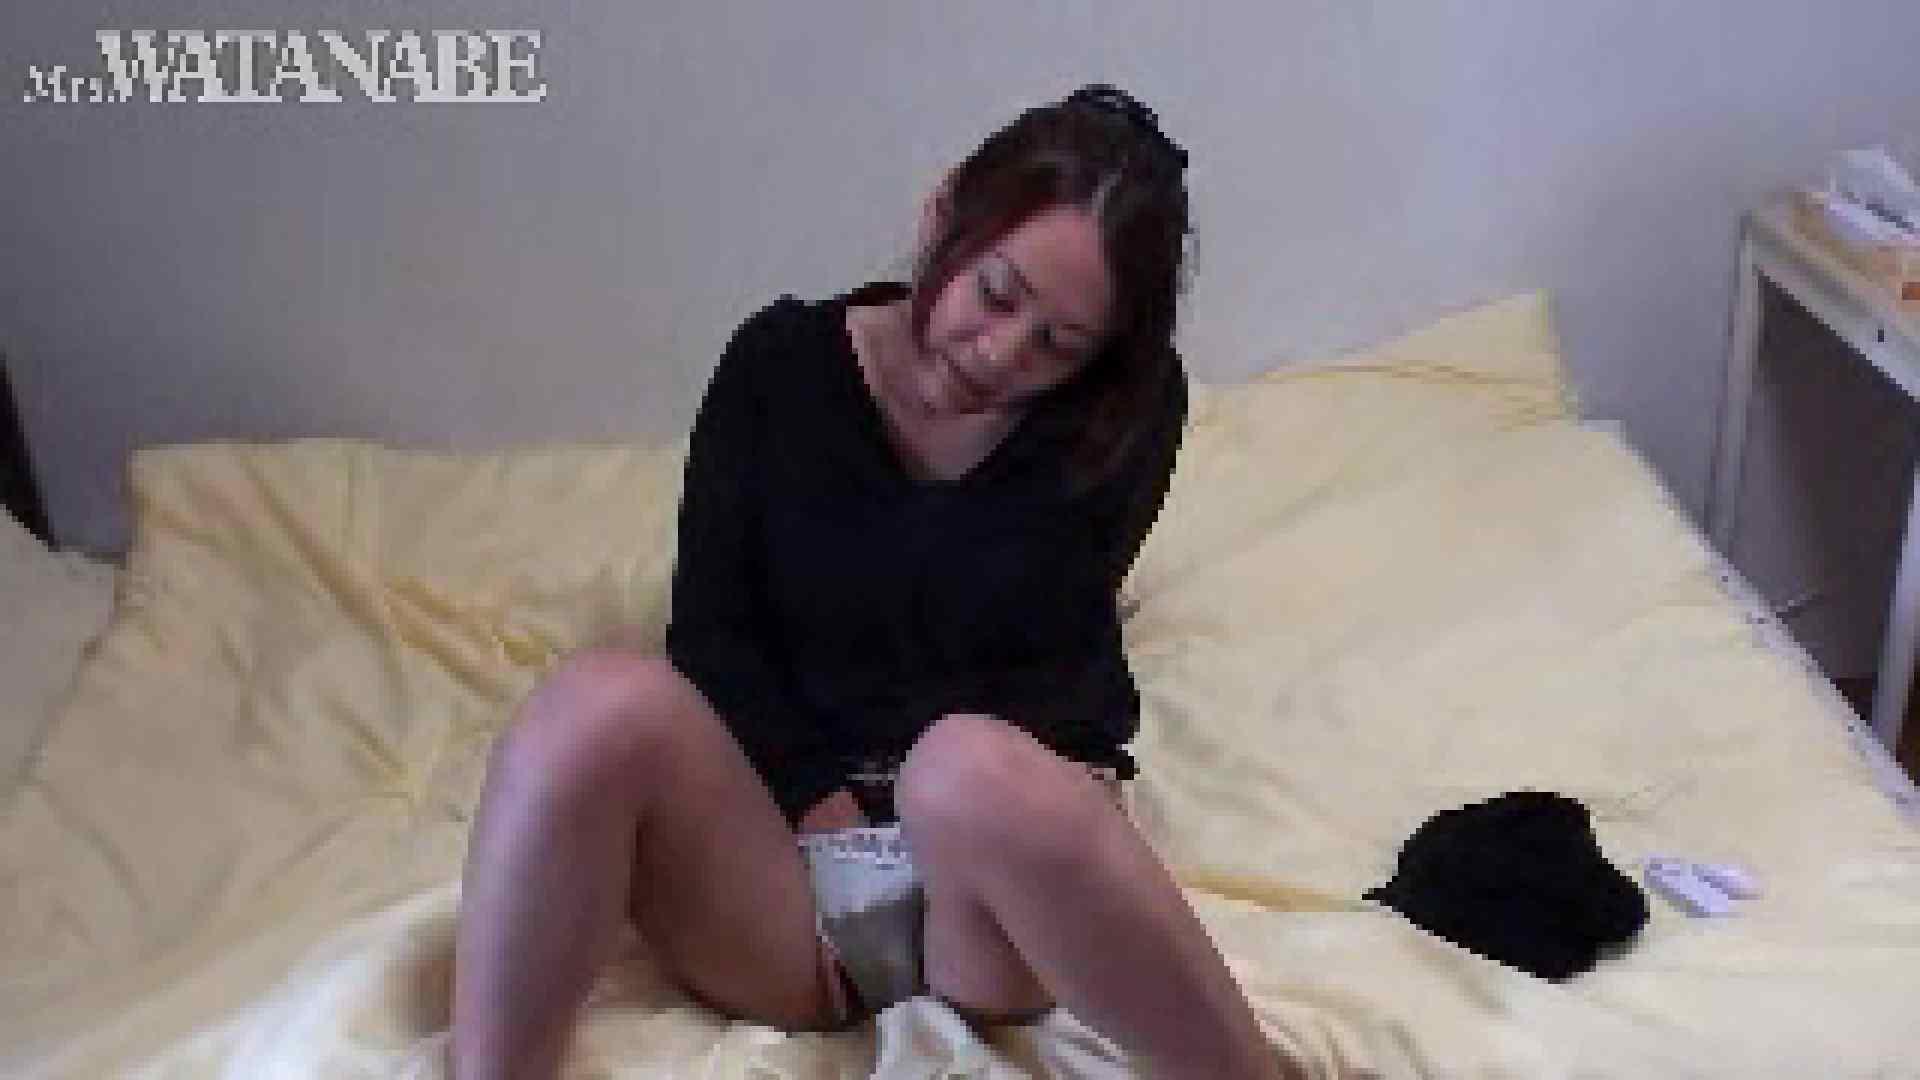 SNSで出会った人妻をハメ撮りしちゃいます 2回目 前編 投稿 | 人妻エロ映像  105pic 82